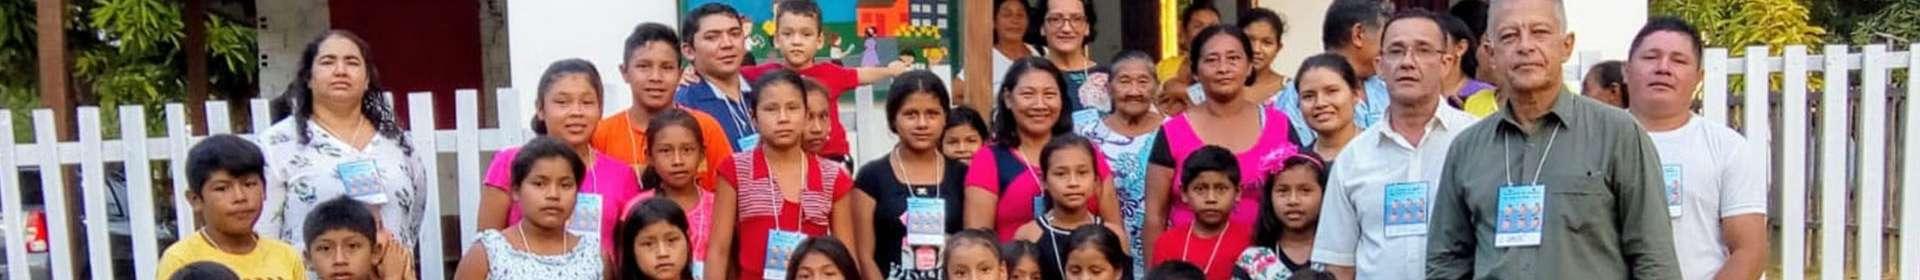 Igreja Cristã Maranata dá assistência em aldeias indígenas de Roraima